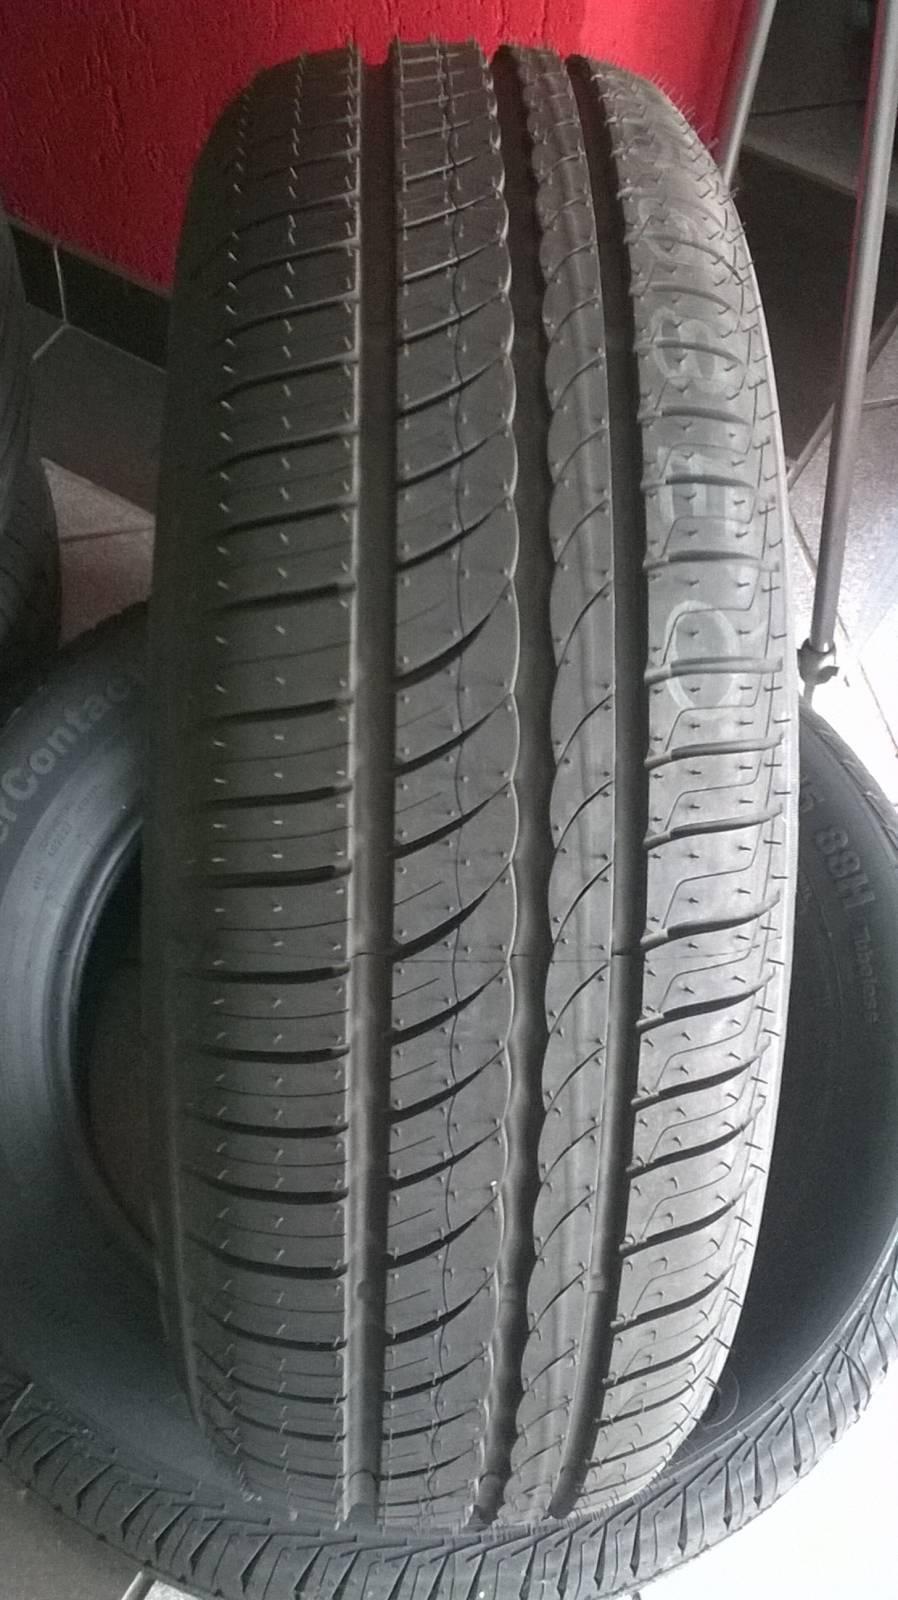 pneu pirelli fortaleza